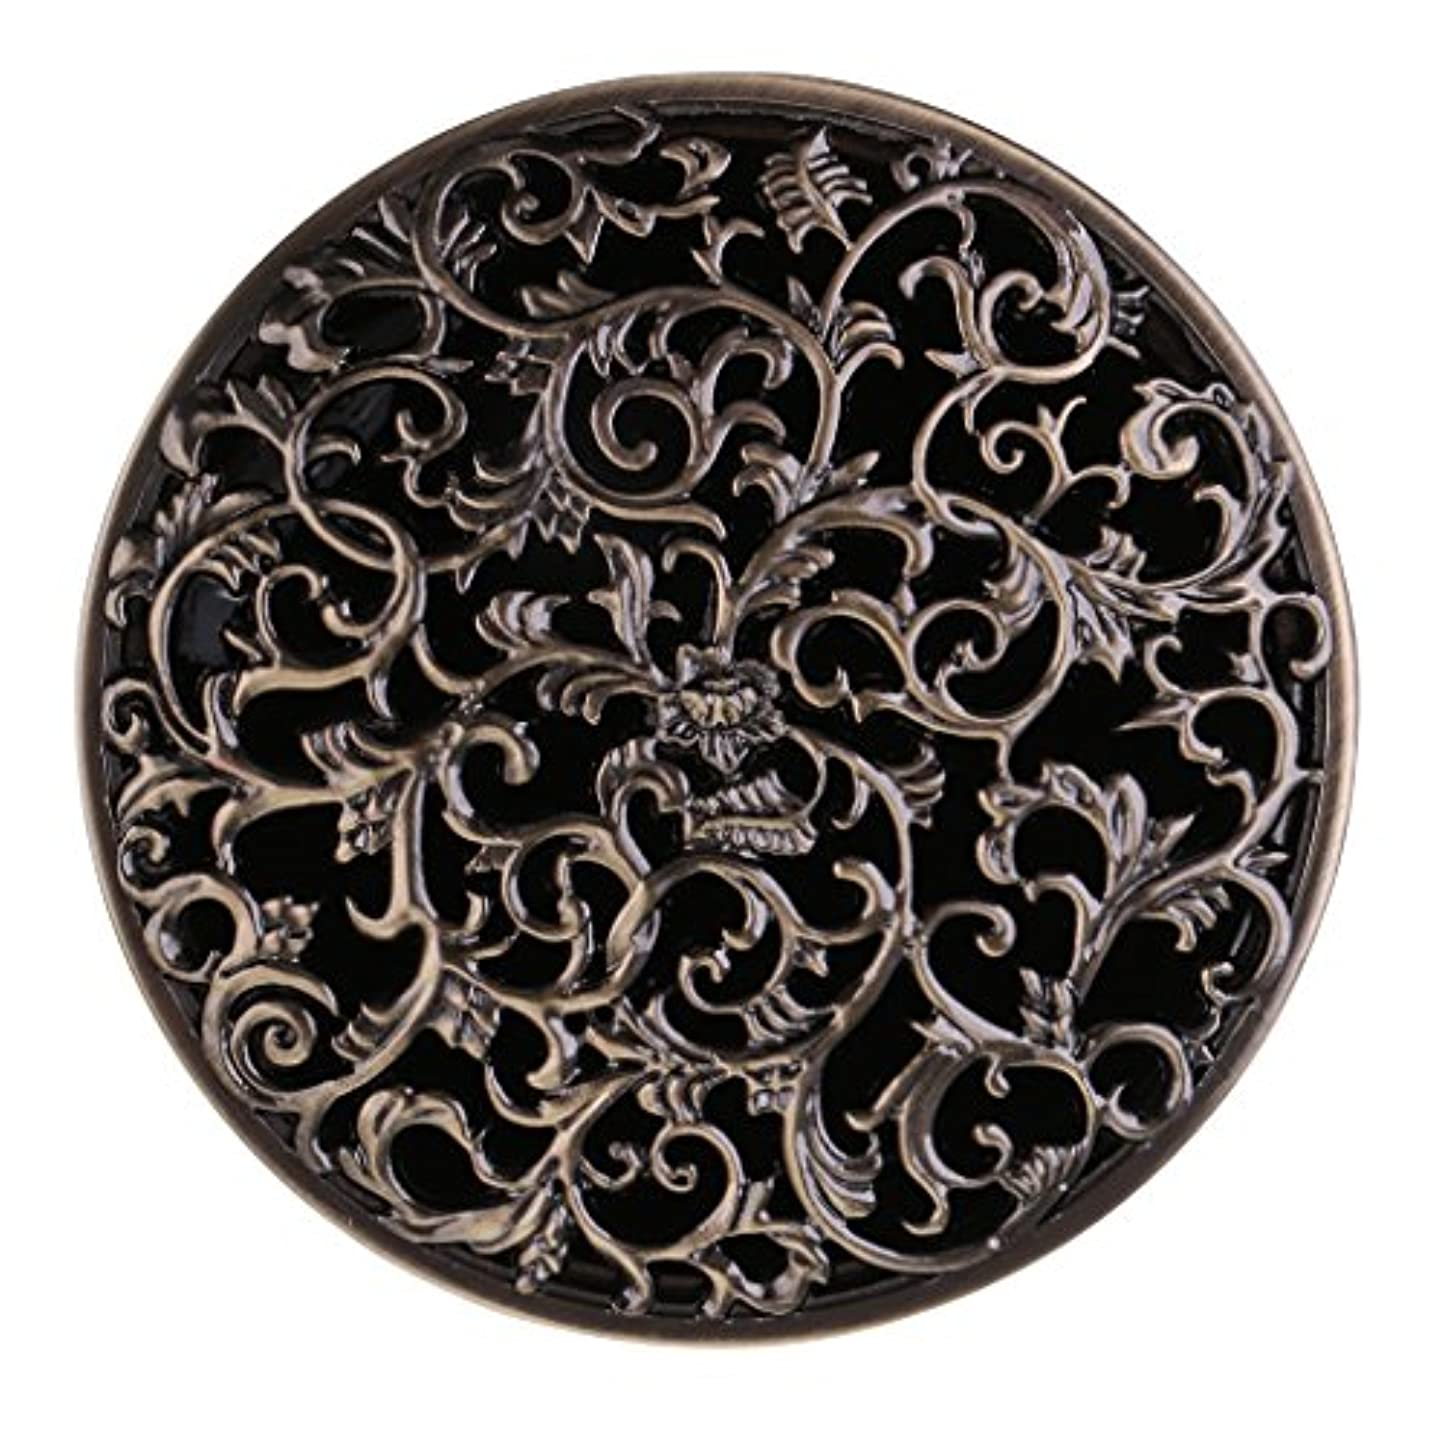 脅迫パイプライン満足させるBaoblaze チベット 合金 香炉 コーンホルダー 仏教 香りバーナー ボックス 家 装飾 全3色   - ブロンズ